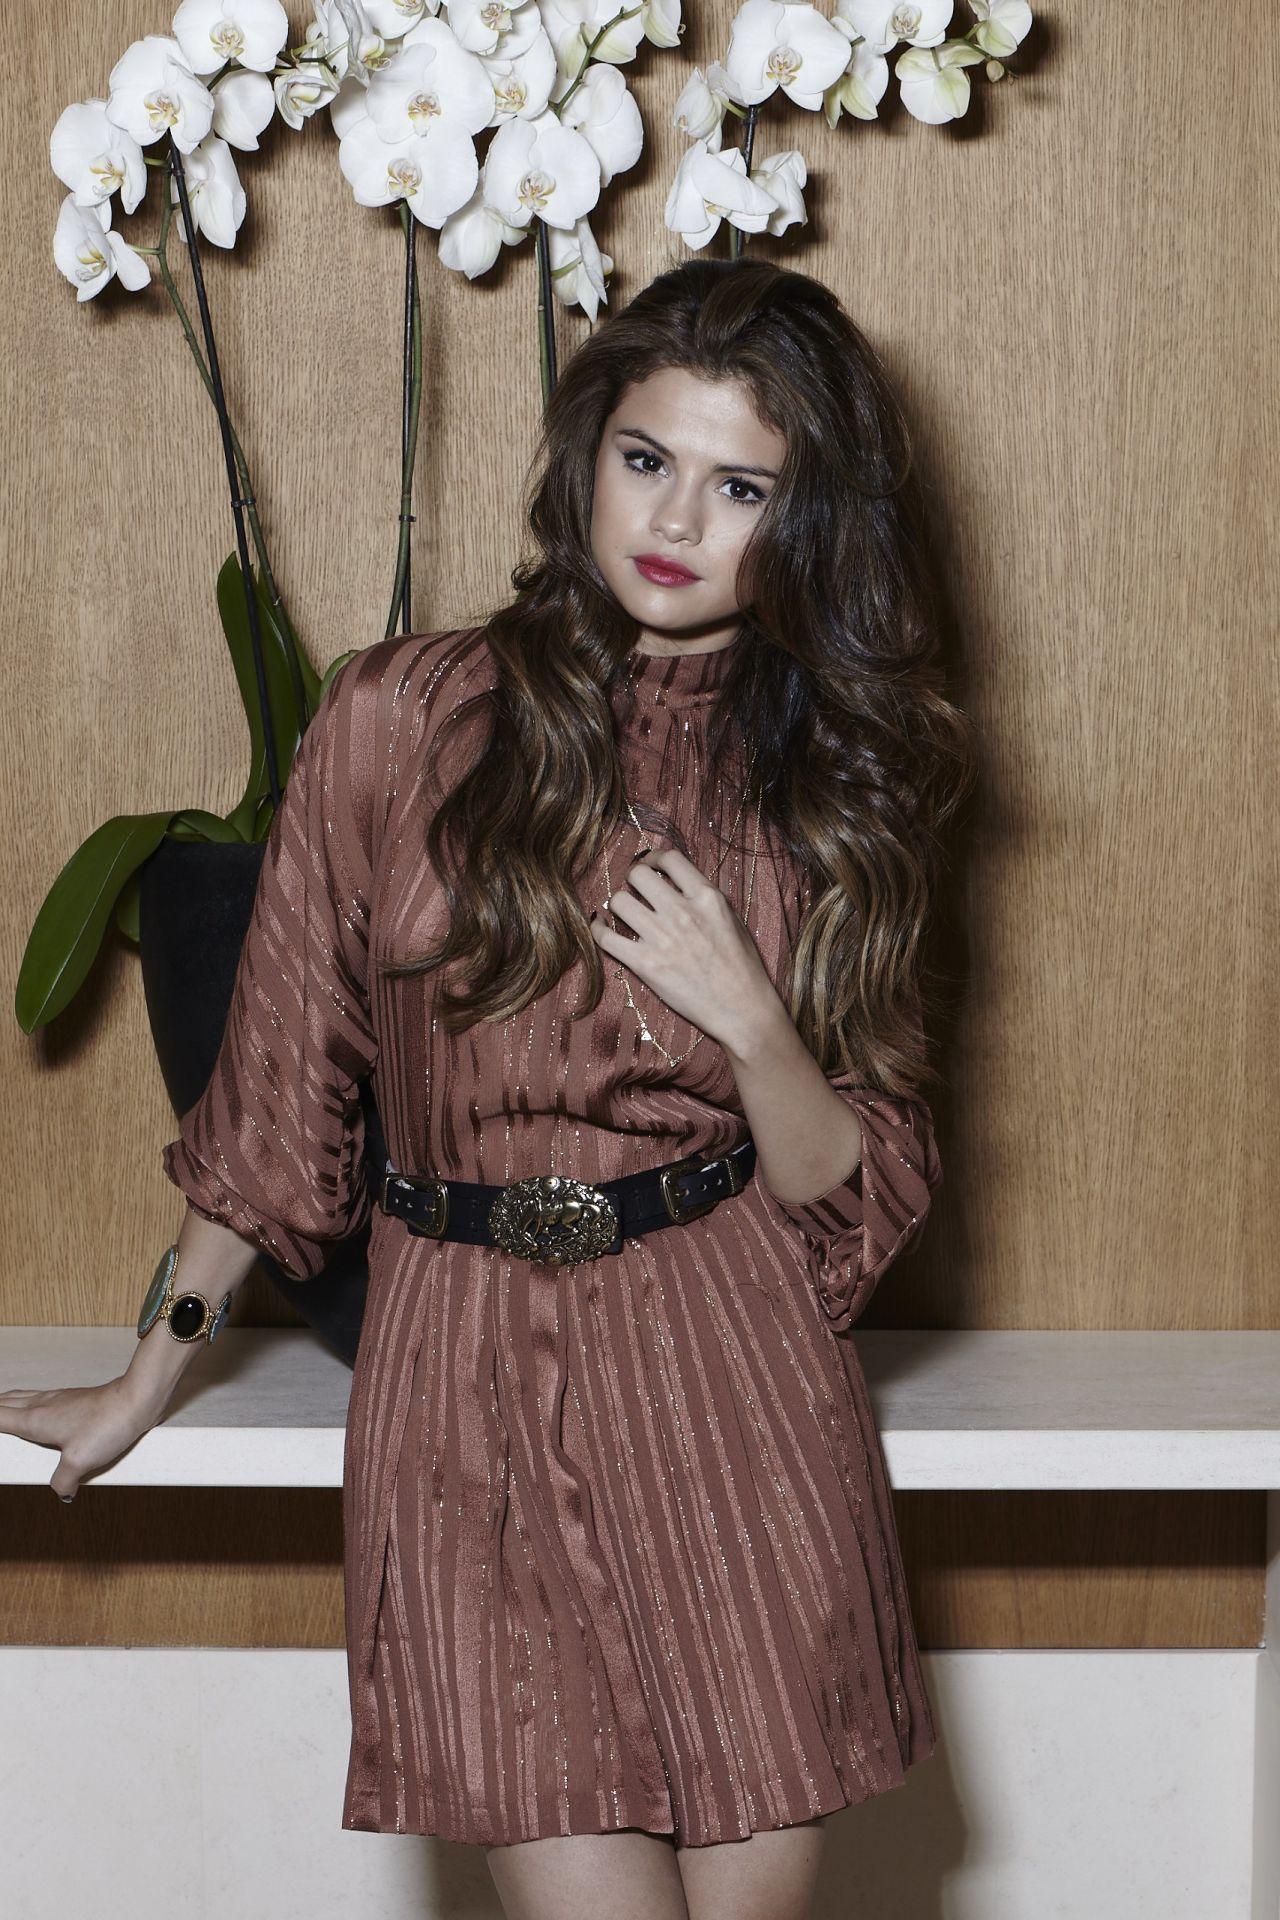 Selena Gomez Photoshoot April 2014